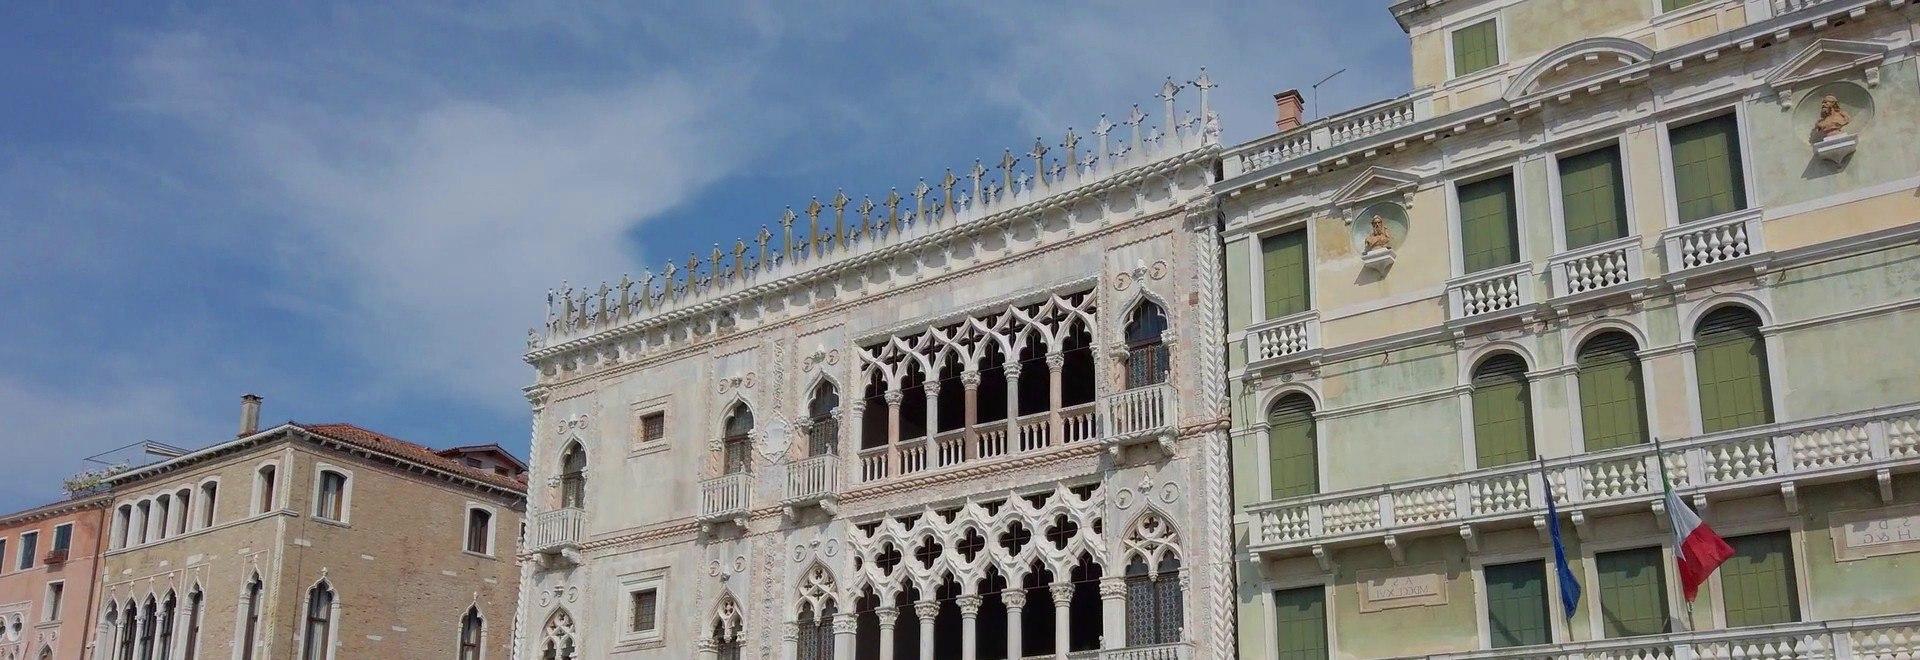 Palazzo Pitti e Giardino di Boboli